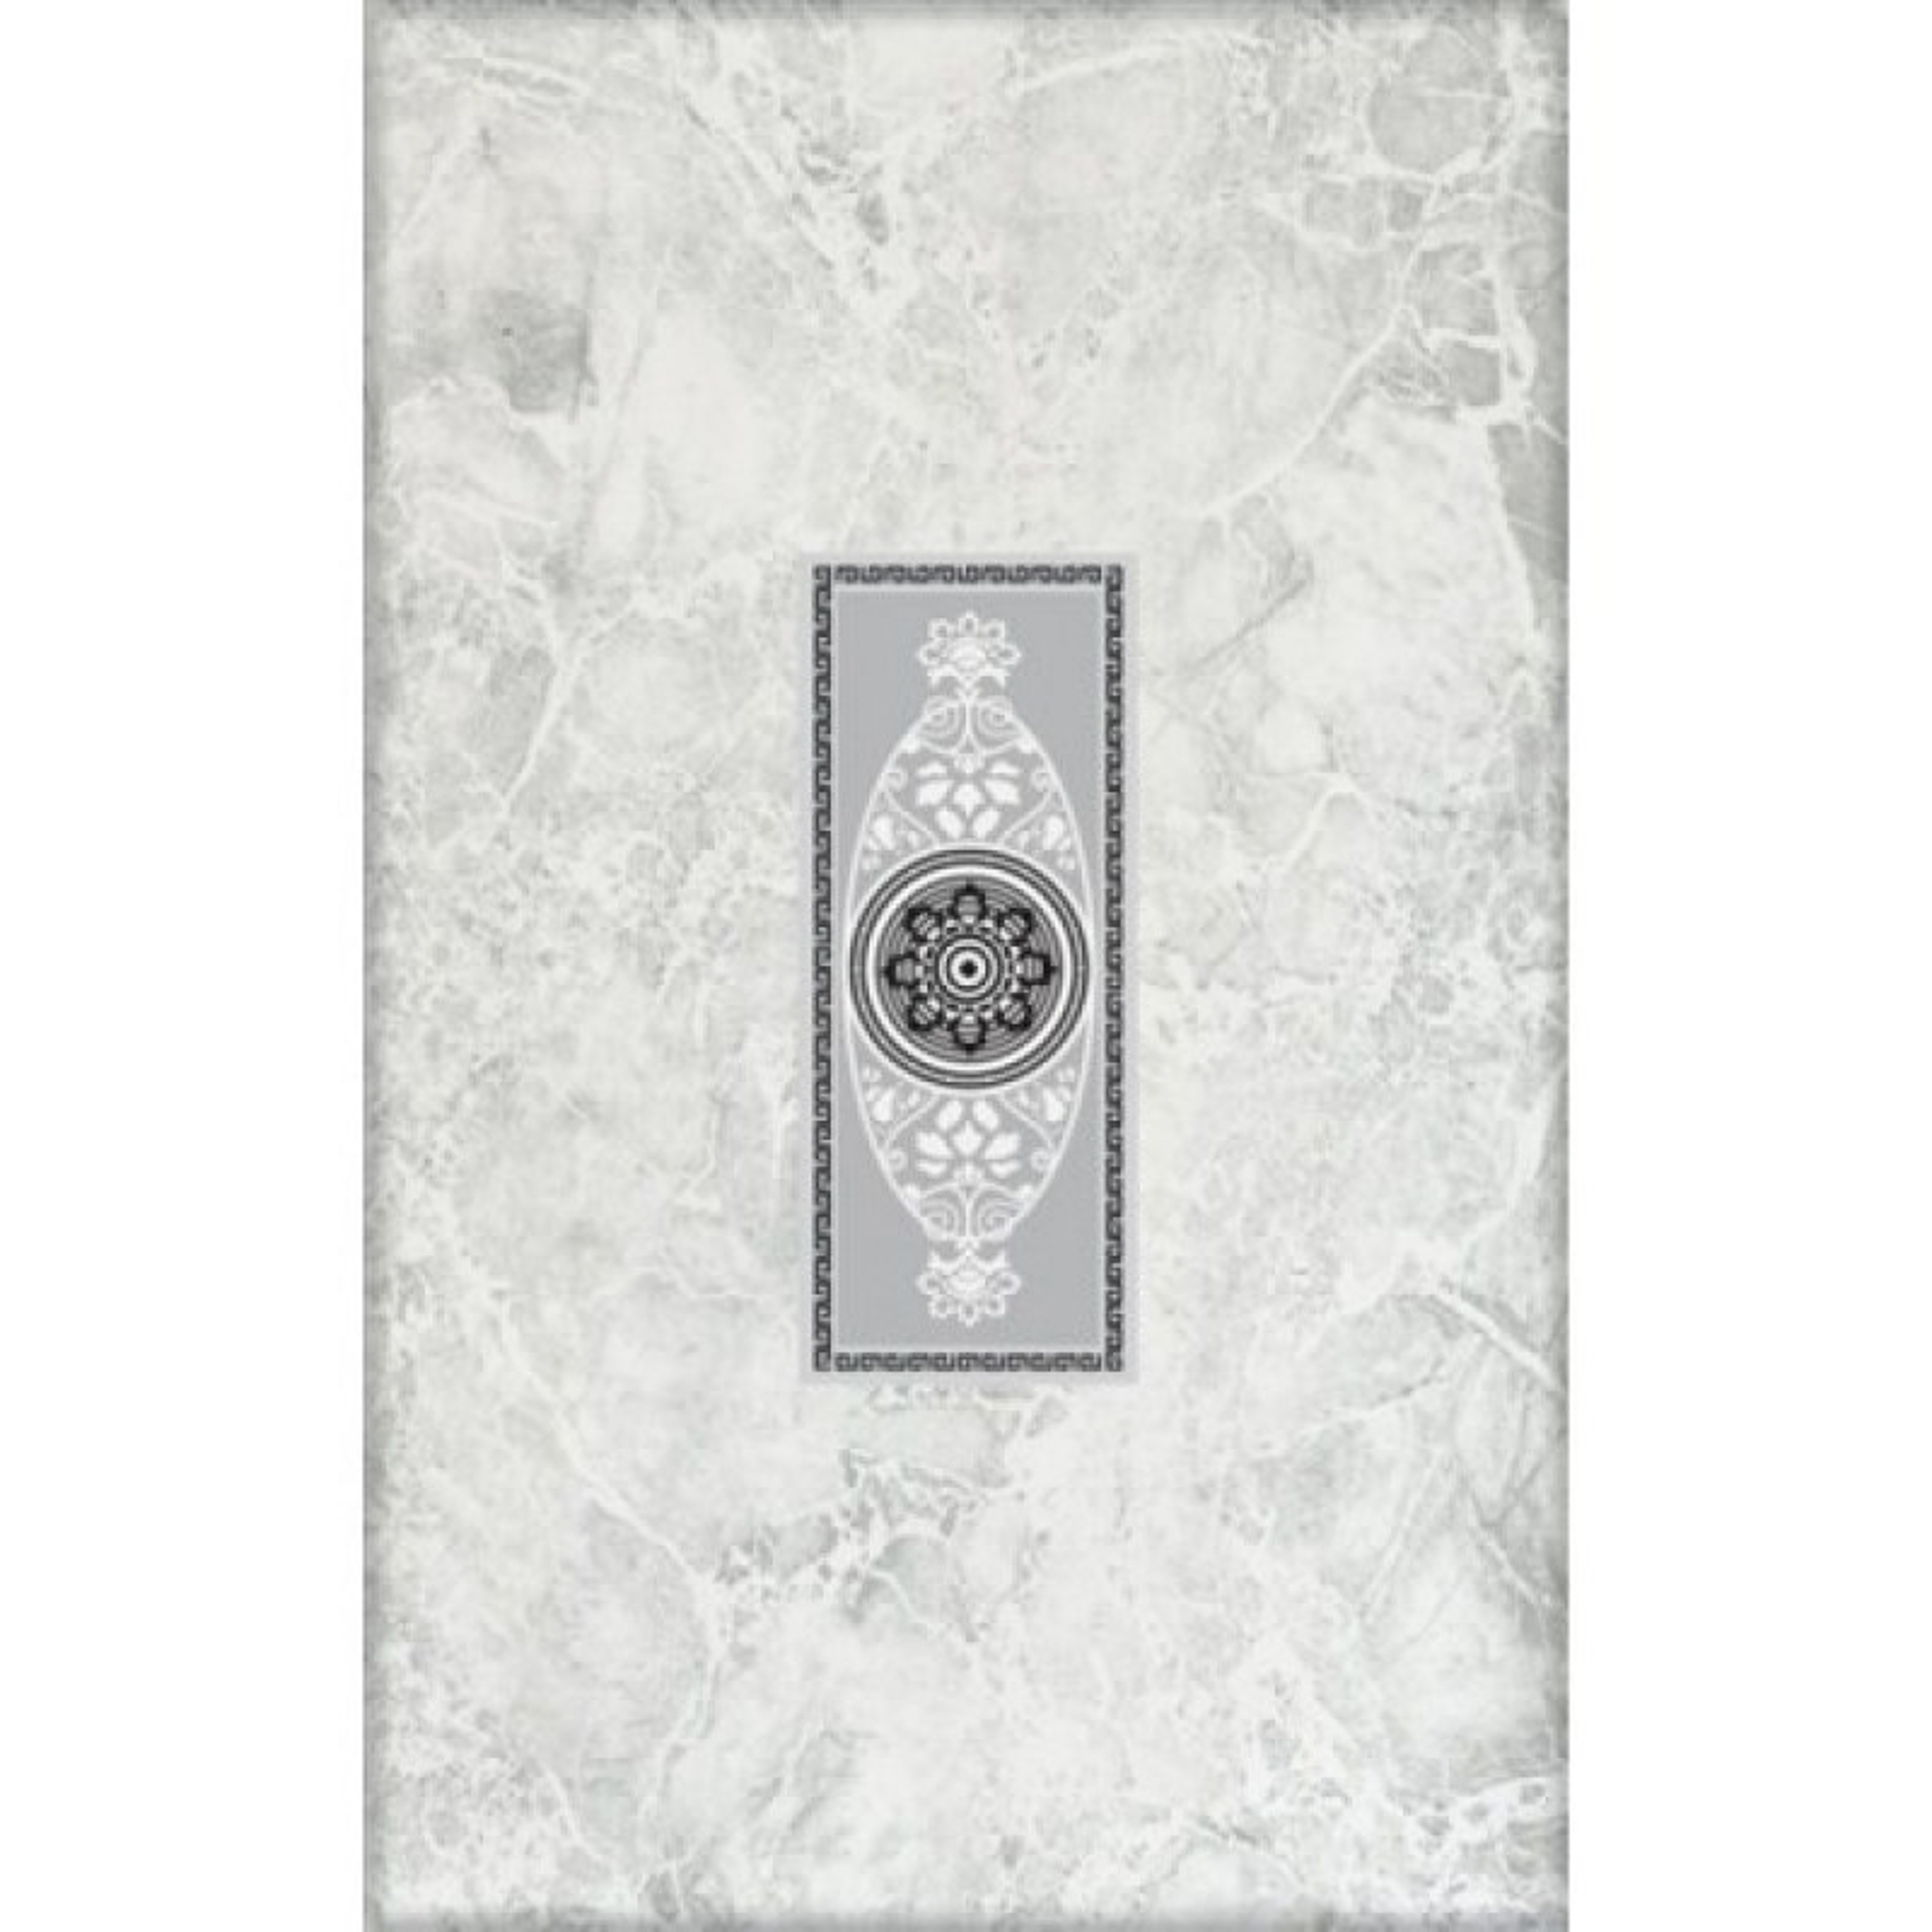 Фото - Декор PiezaRosa Цезарь 1 Серый 25х40 см 342571 декор piezarosa цезарь 1 серый 25х40 см 342571